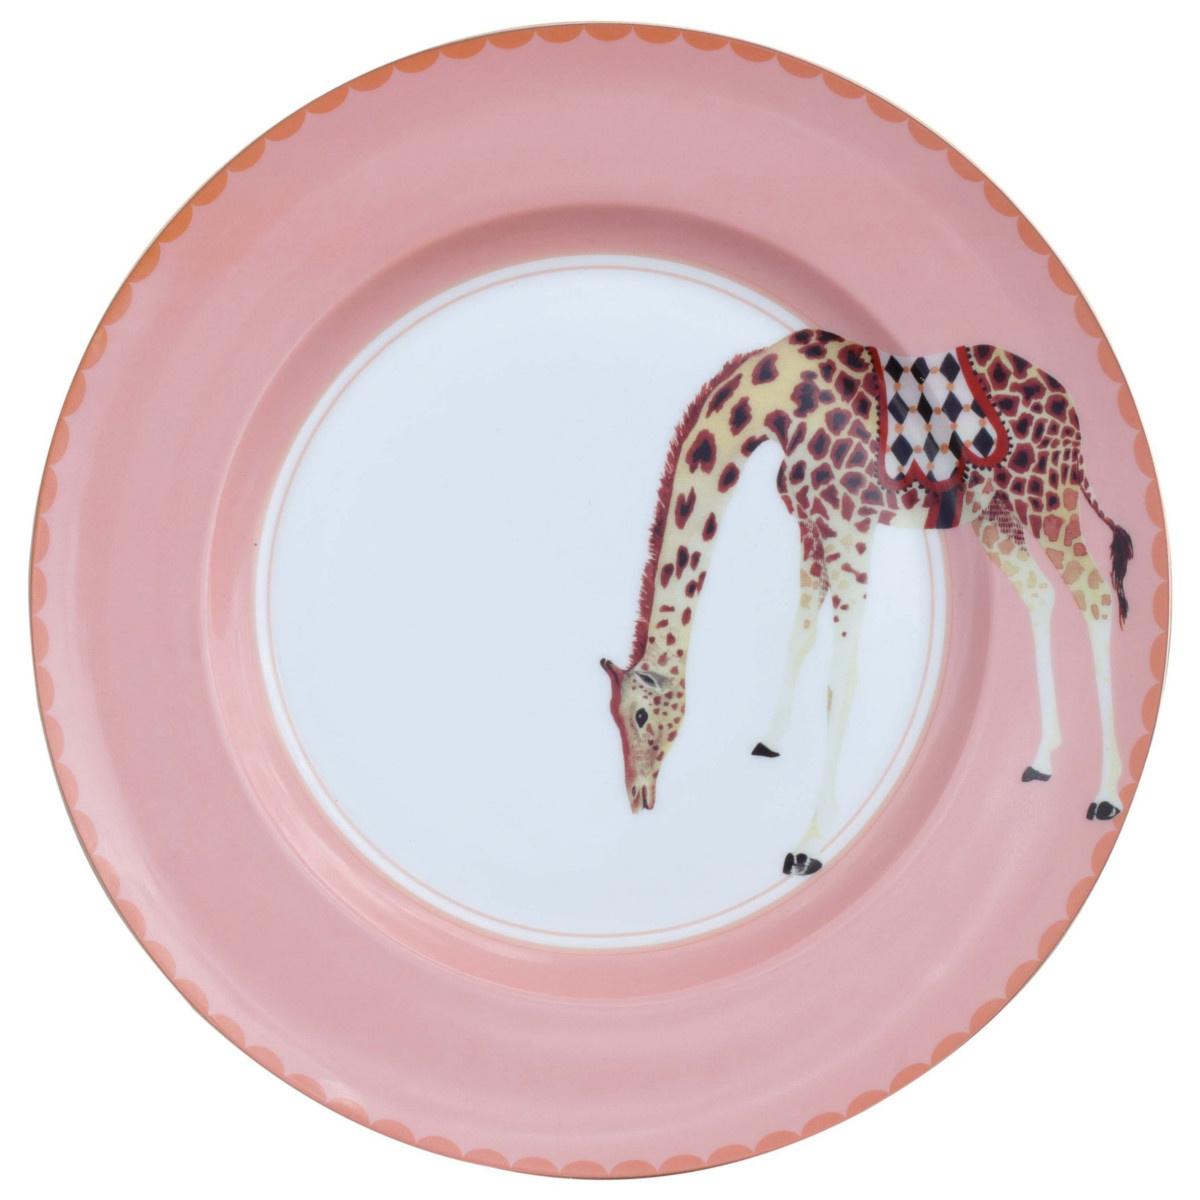 Yvonne Ellen London Yvonne Ellen London Carnival Animal Set of 4 Plates Ø 26,5 cm  - Bone China - In Beautiful Giftbox